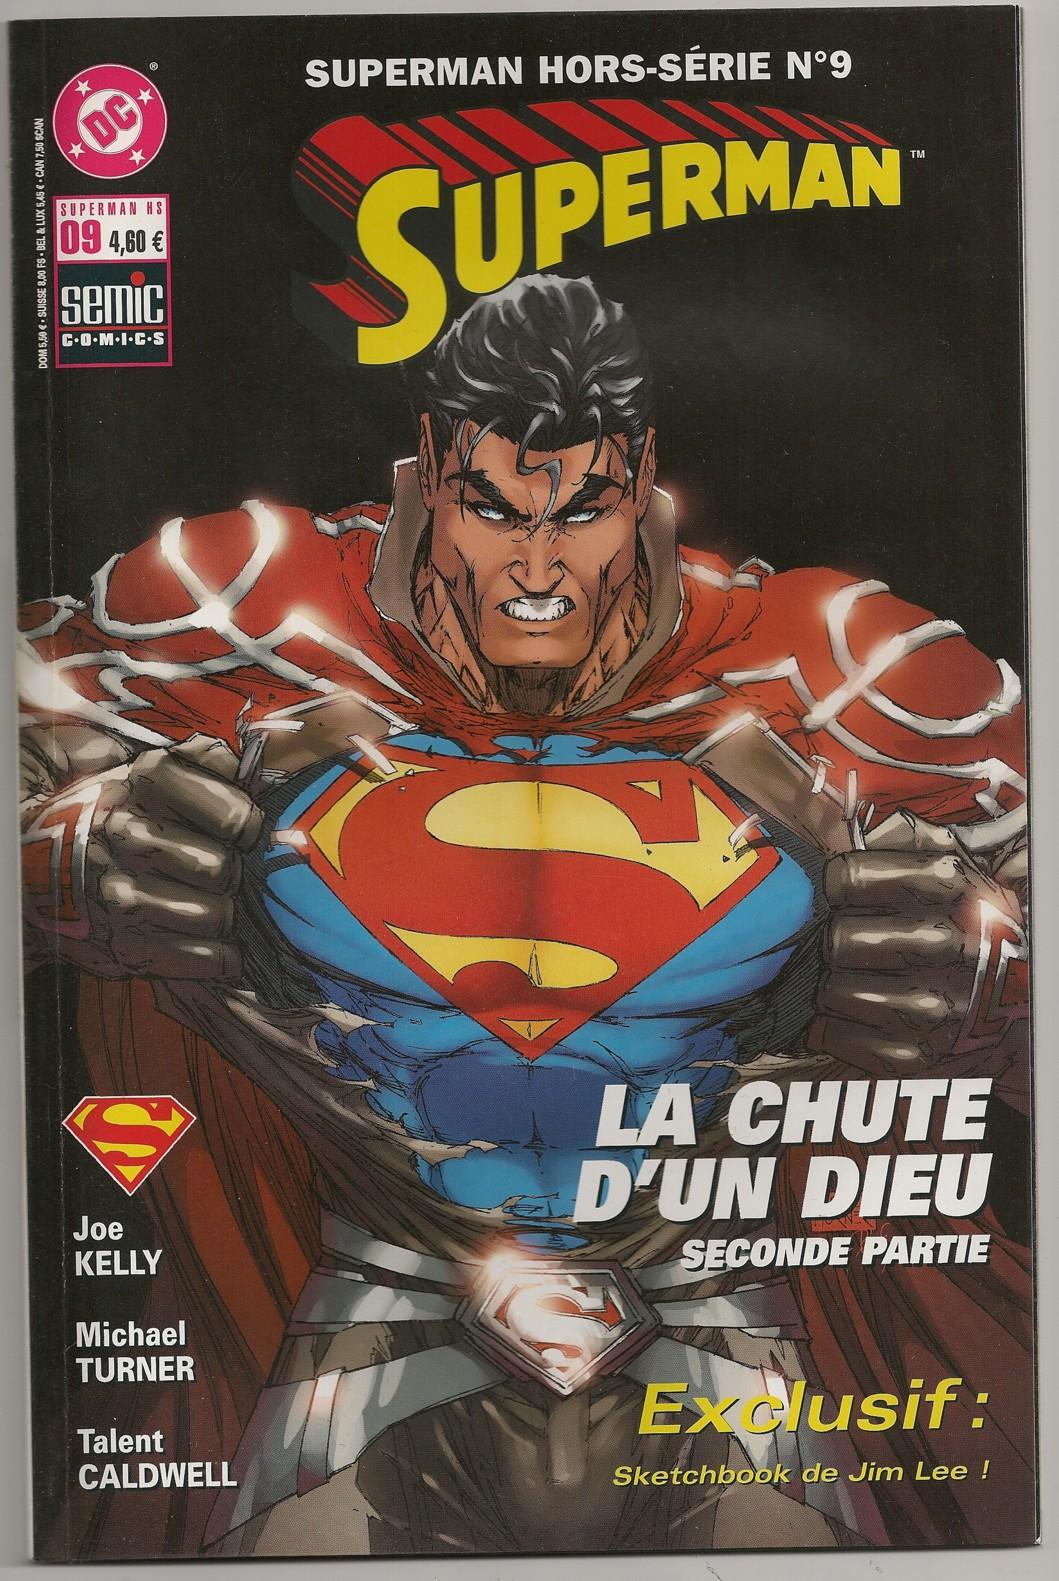 Superman Hors-Série 9 - La chute d'un dieu,deuxième partie